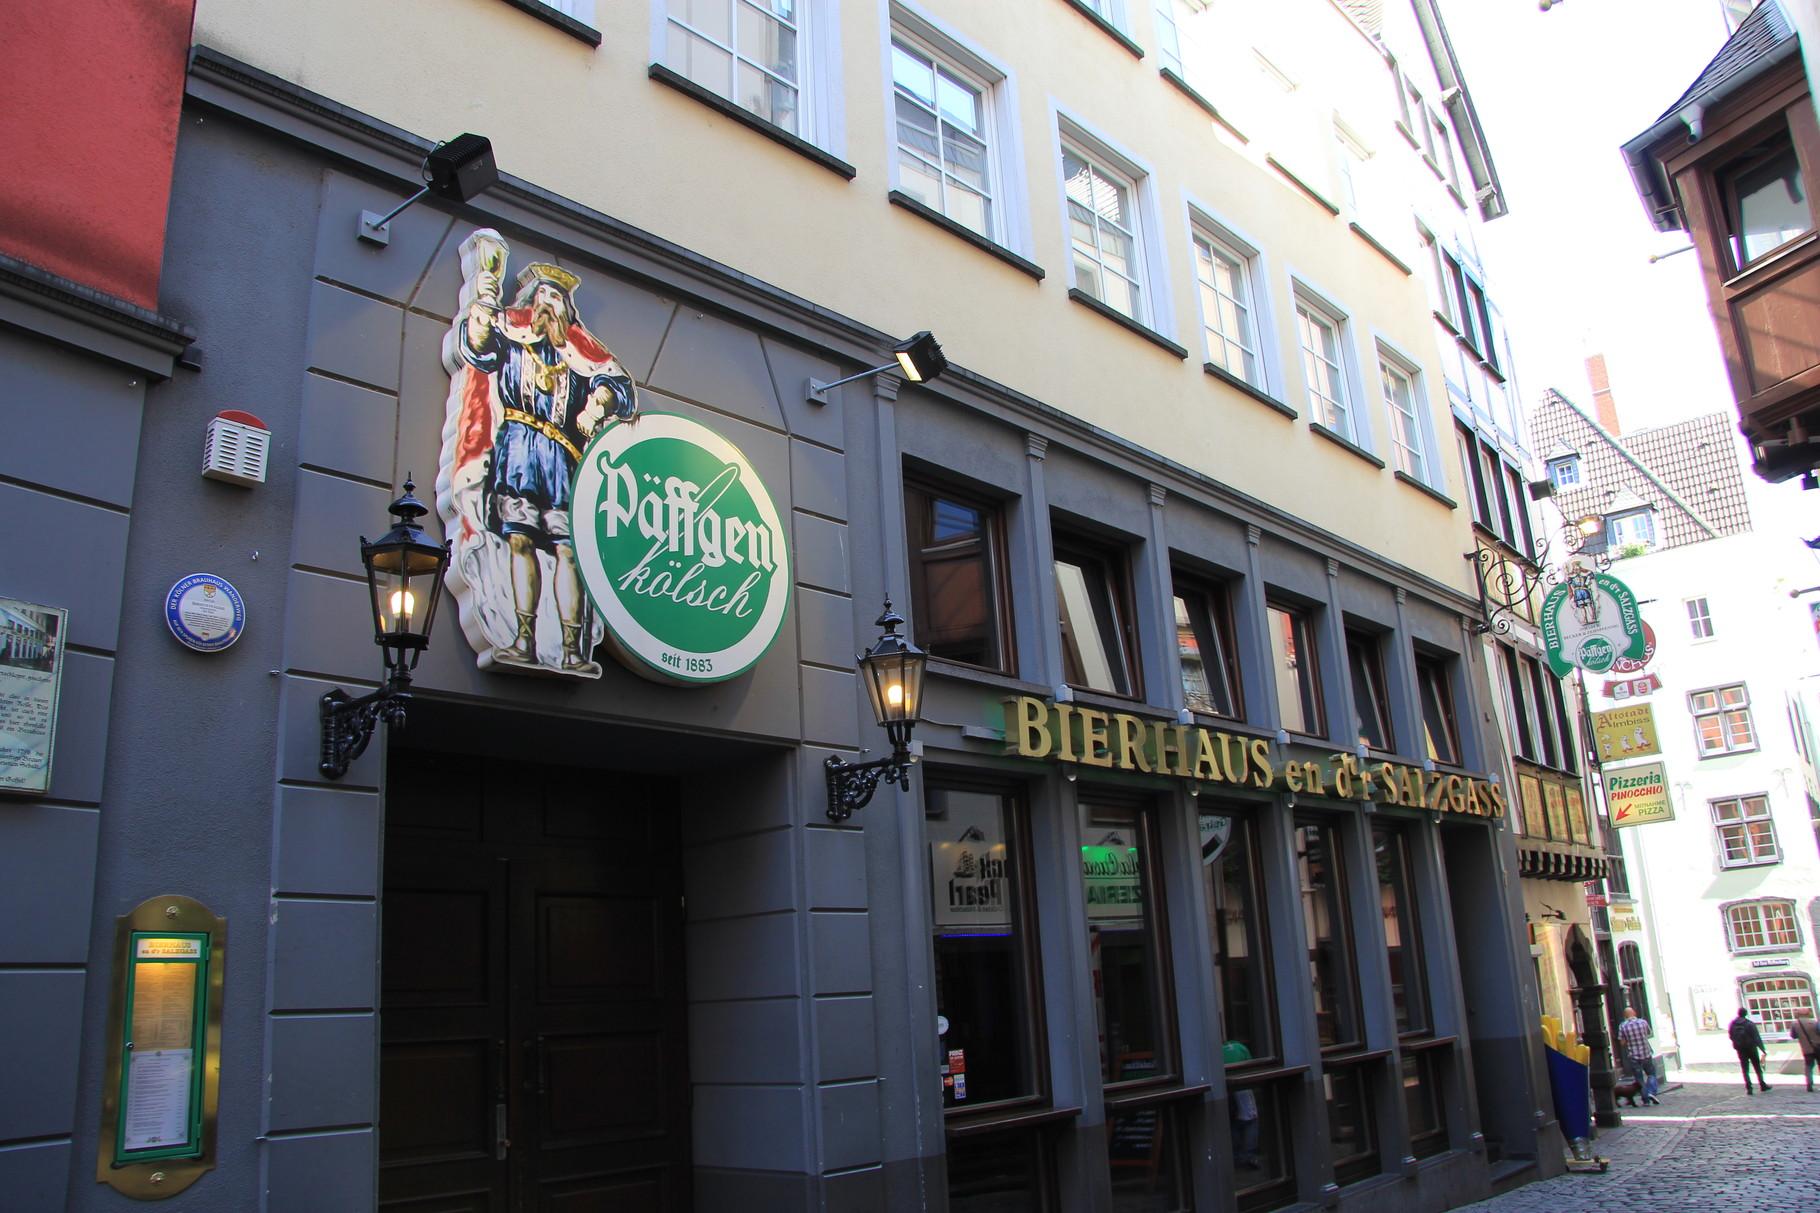 Brauhaustouren - Bierhaus en d'r Salzgass (nahe Heumarkt)